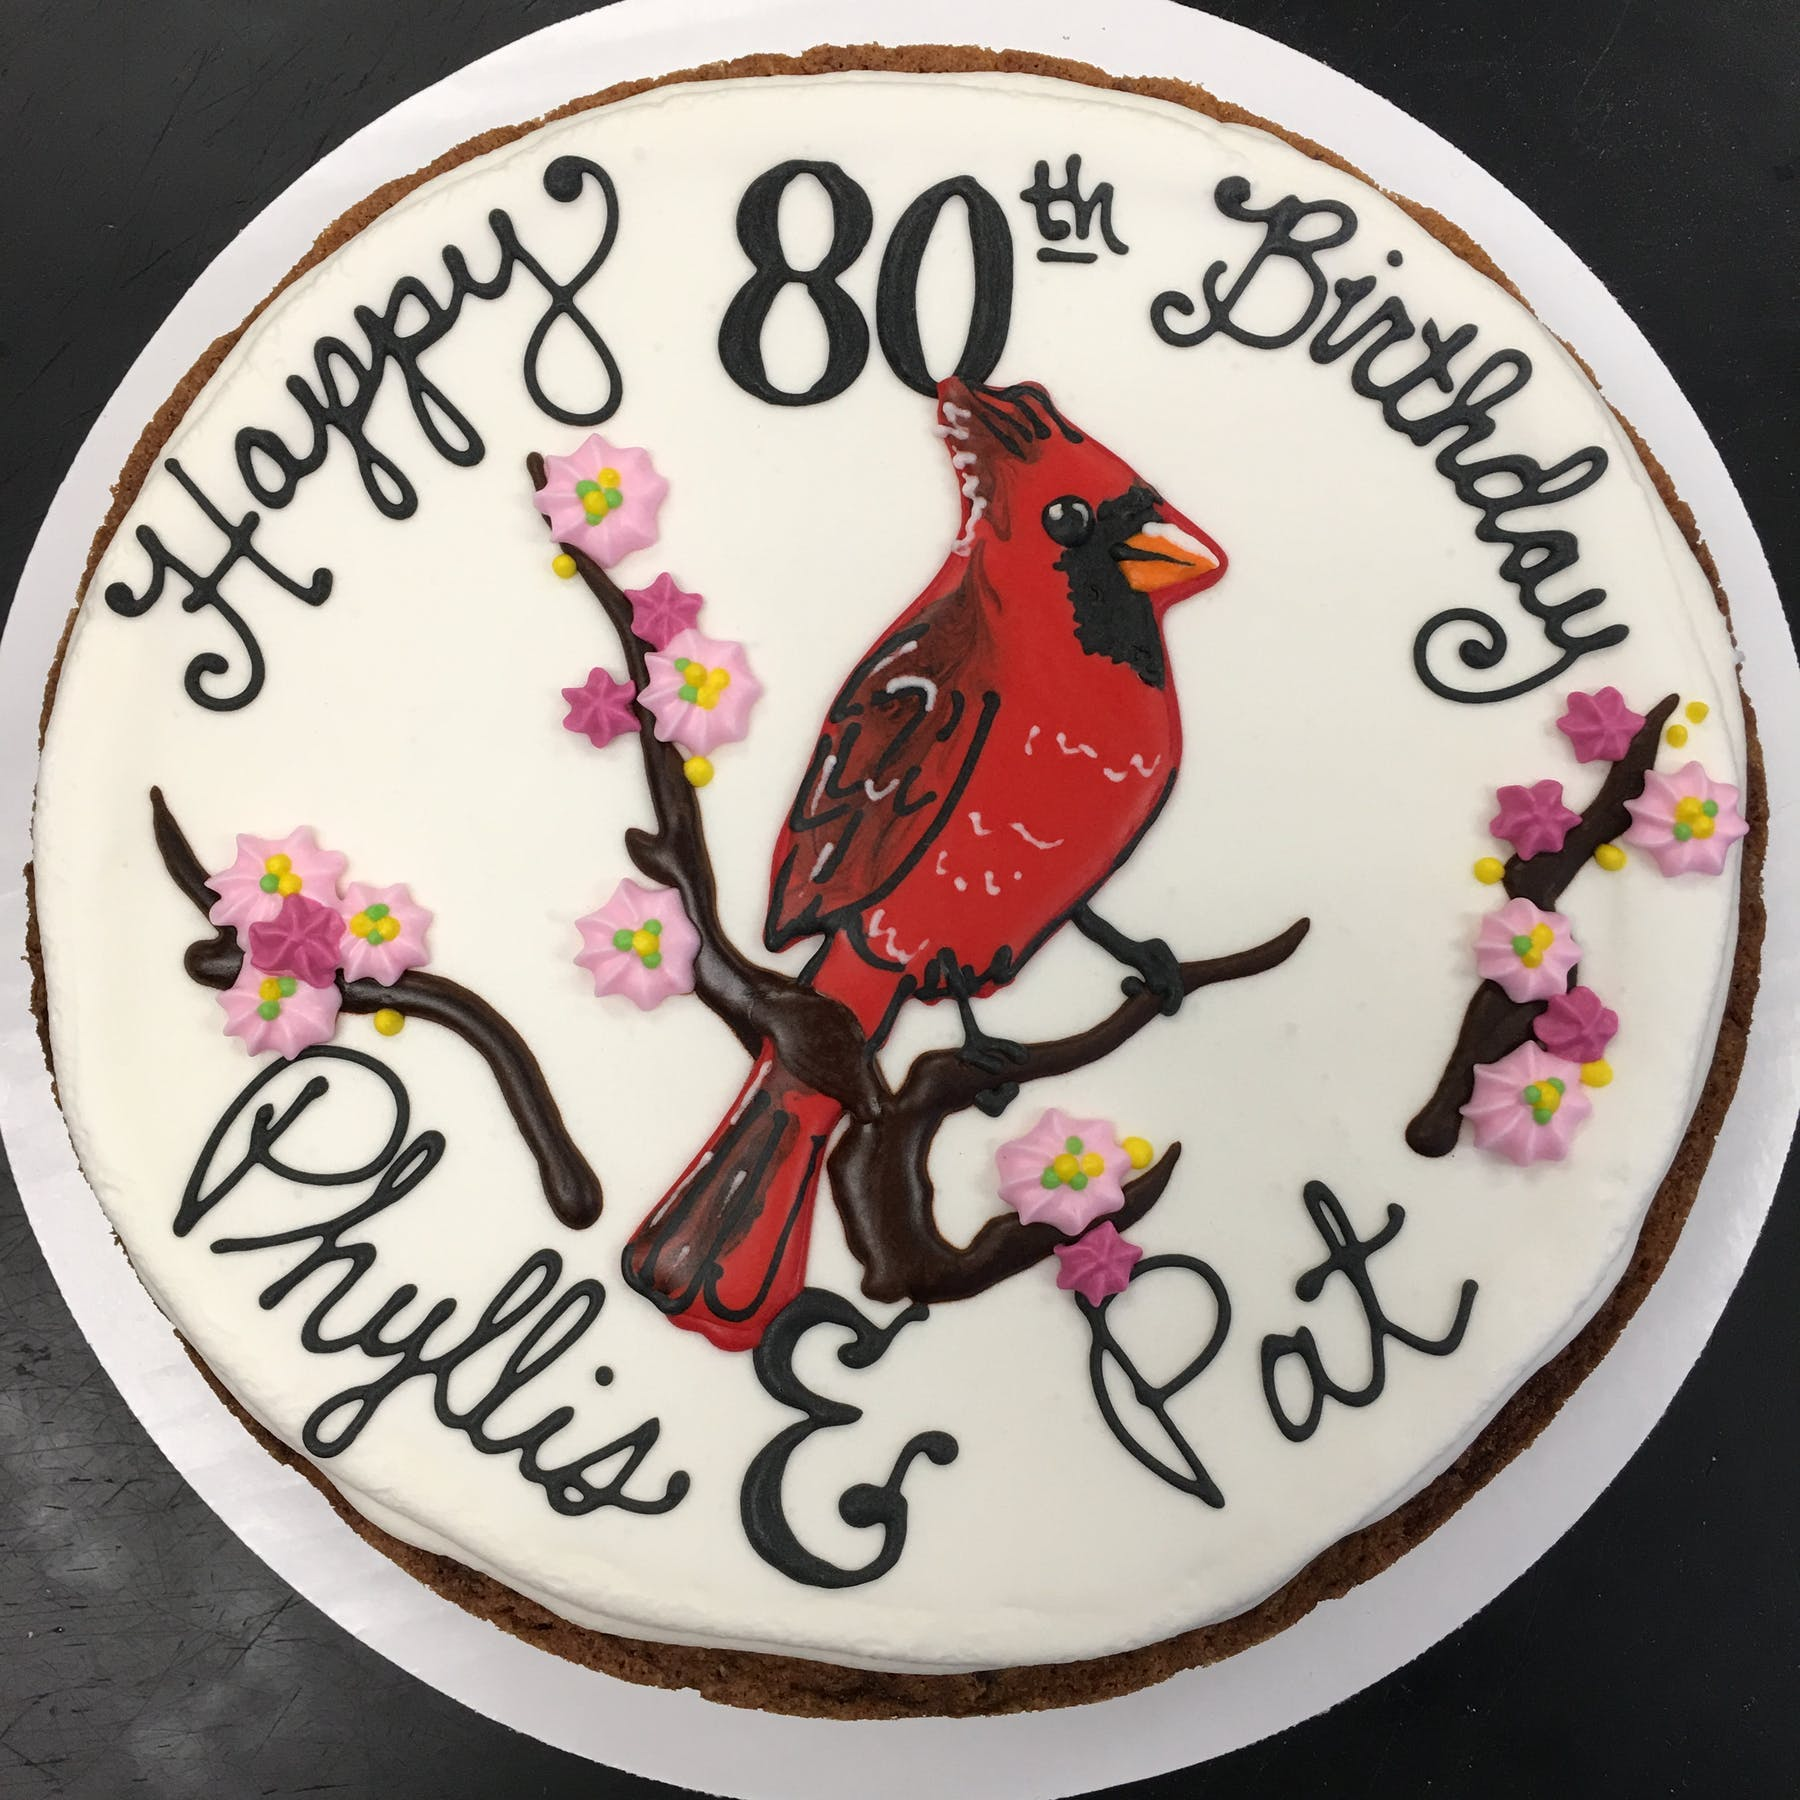 HB Cardinal Cake